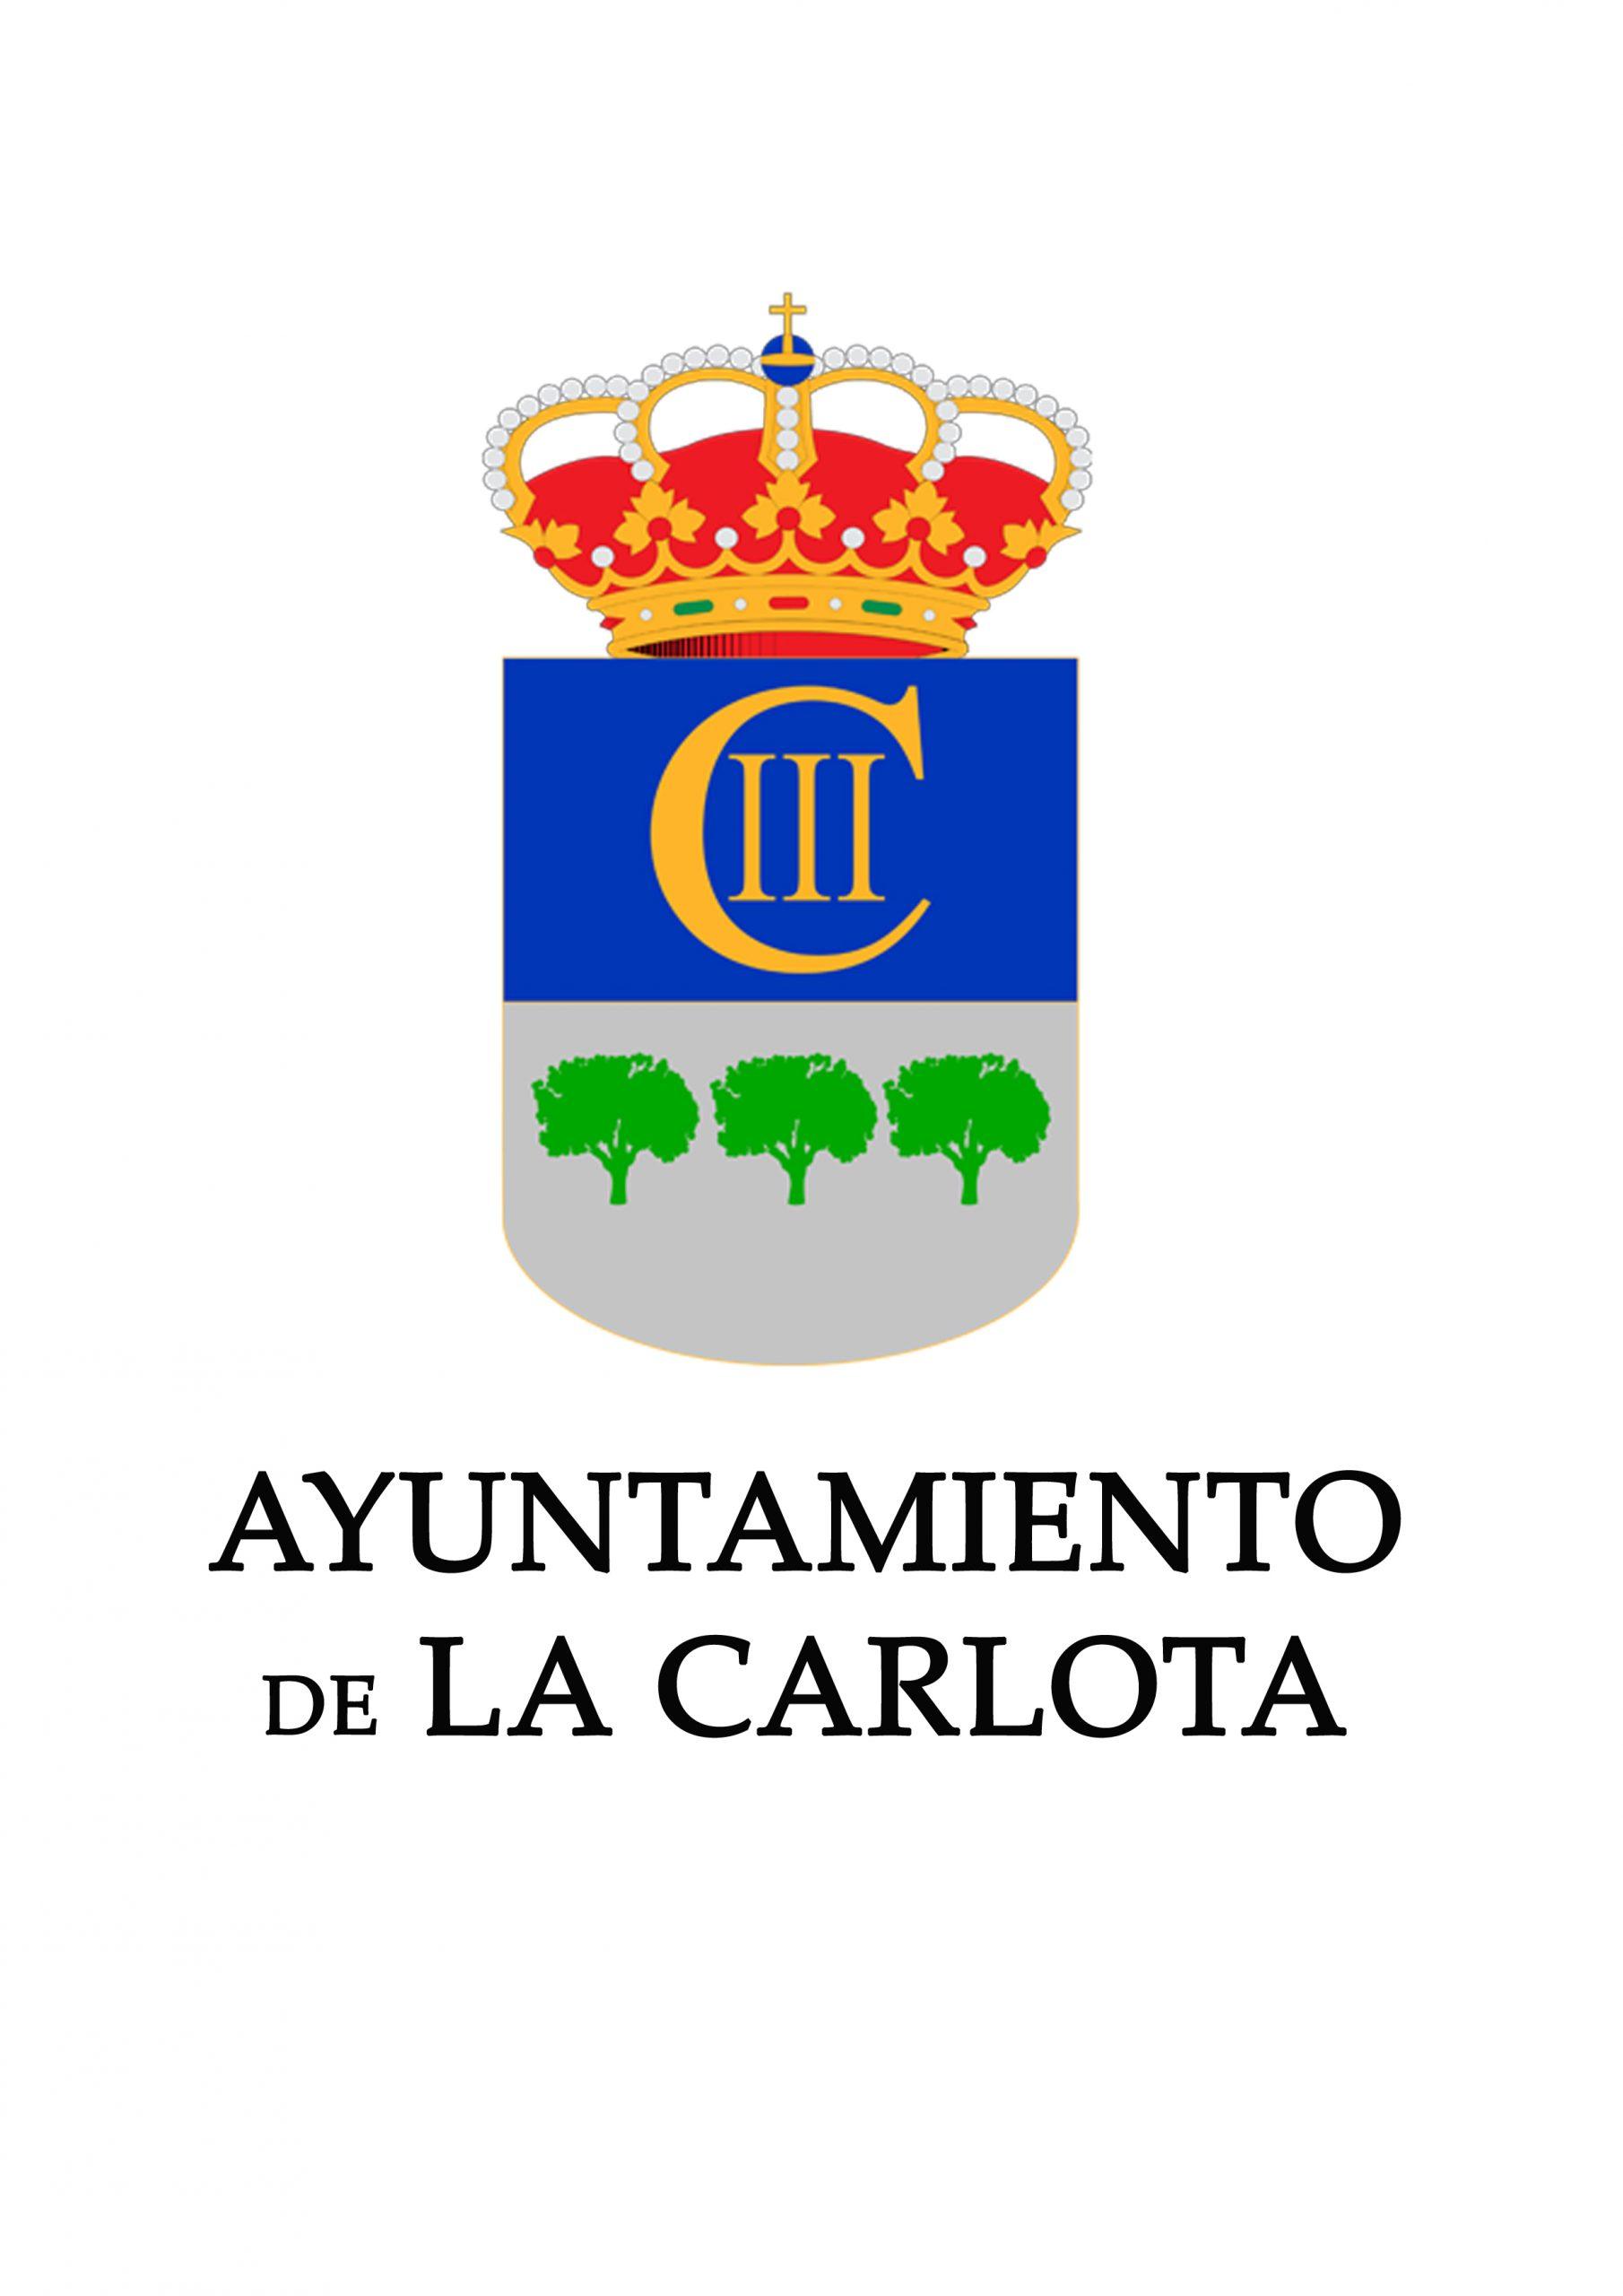 BANDO MUNICIPAL  ANTONIO GRANADOS MIRANDA ALCALDE – PRESIDENTE DEL  AYUNTAMIENTO DE LA CARLOTA 1